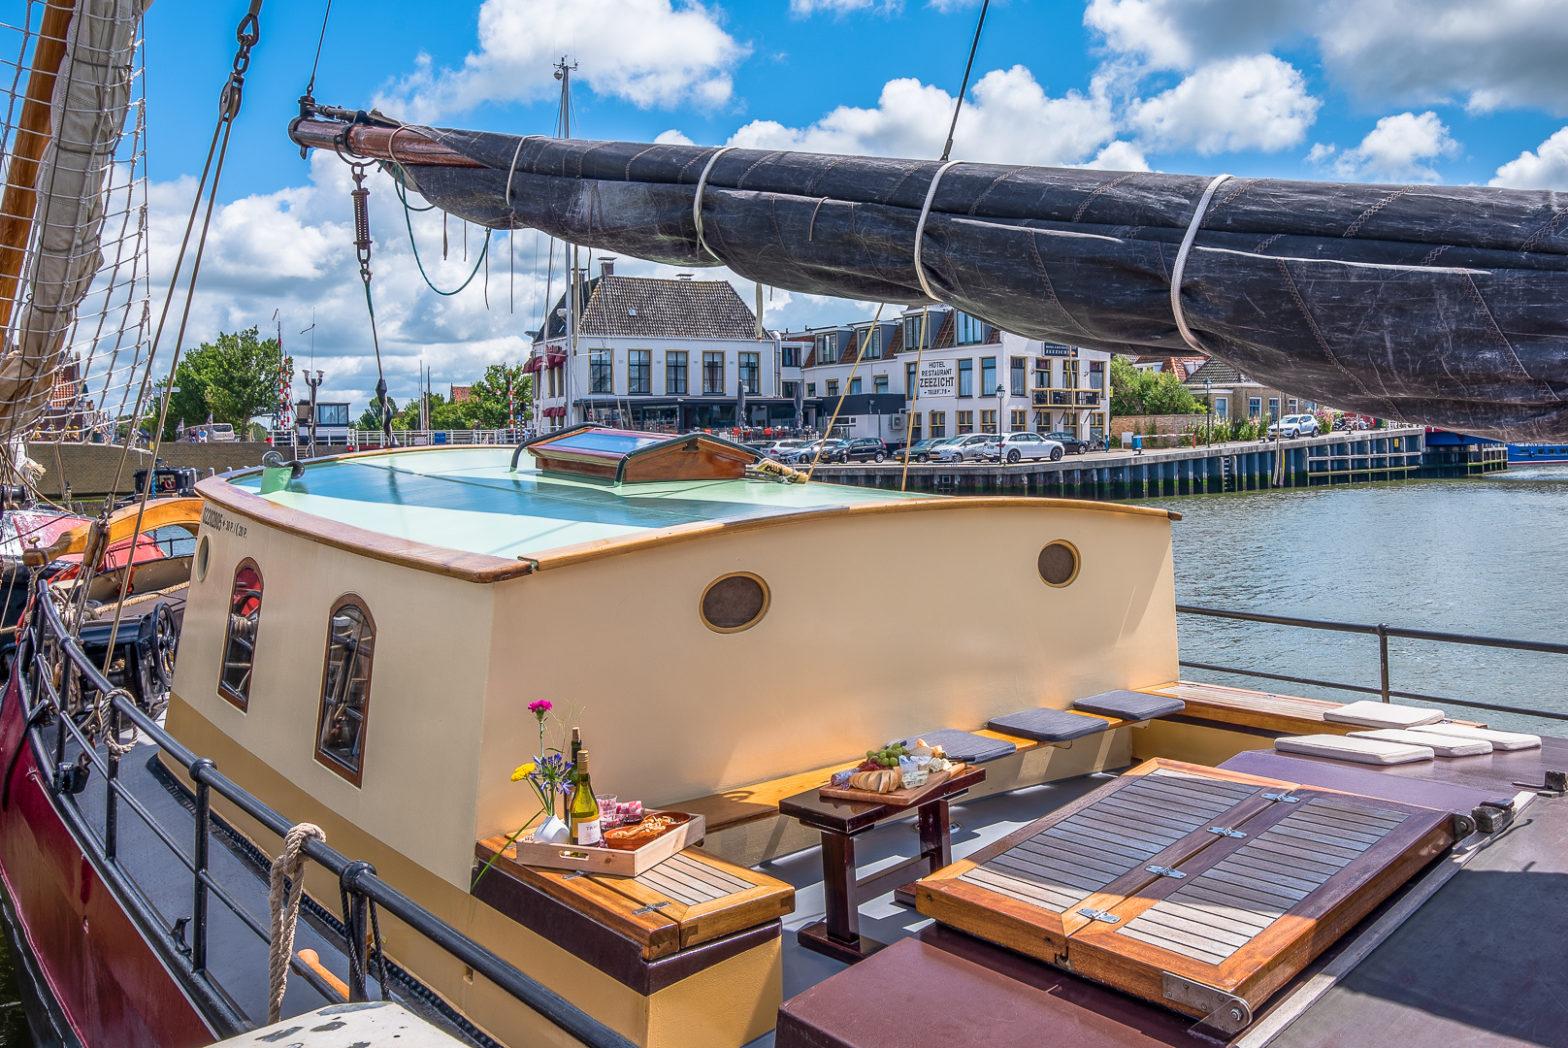 Interieur foto aan boord van antiek zeilschip de Lotus